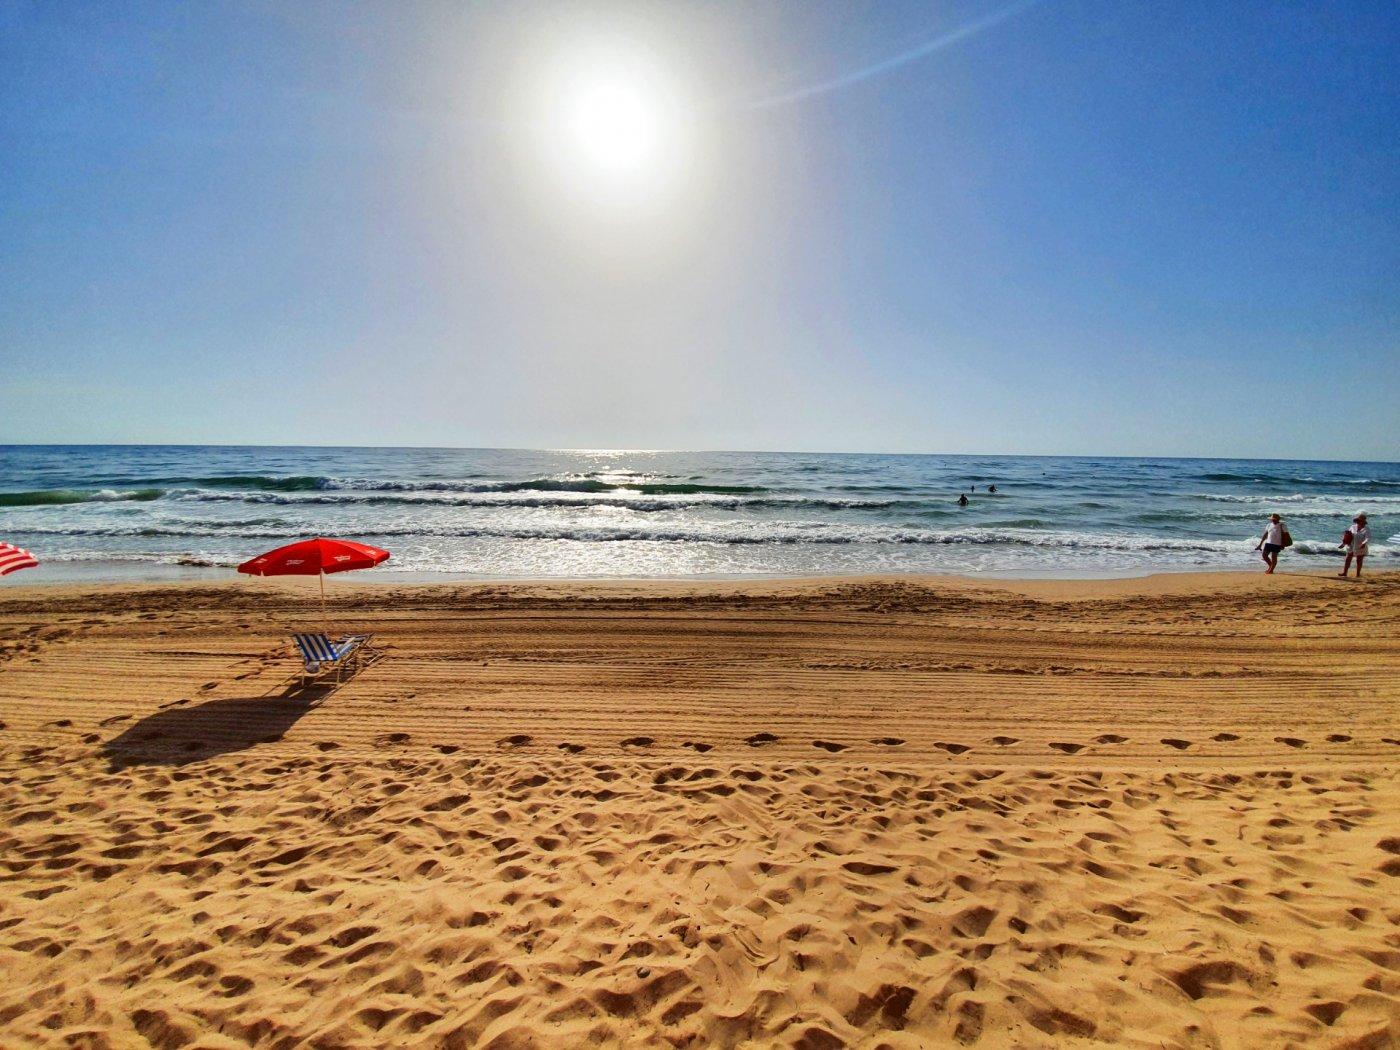 planta-baja en arenales-del-sol · zona-paseo-maritimo 52990€